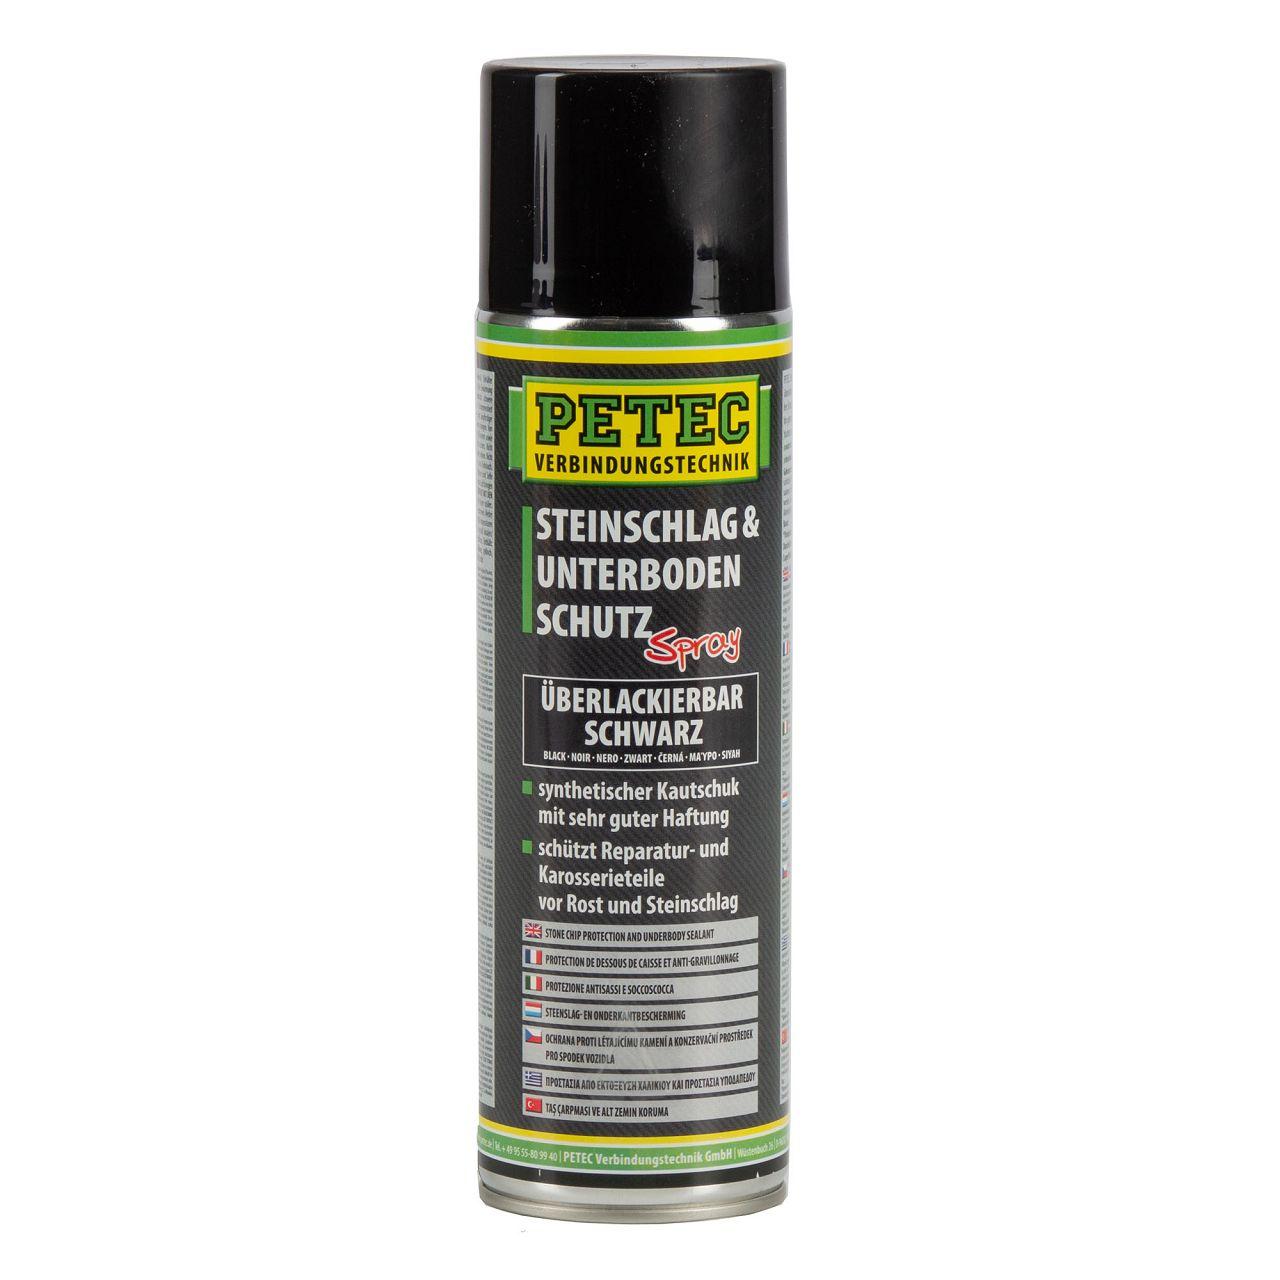 PETEC 73250 Steinschlagschutz & Unterbodenschutz Spray Schwarz 500 ml